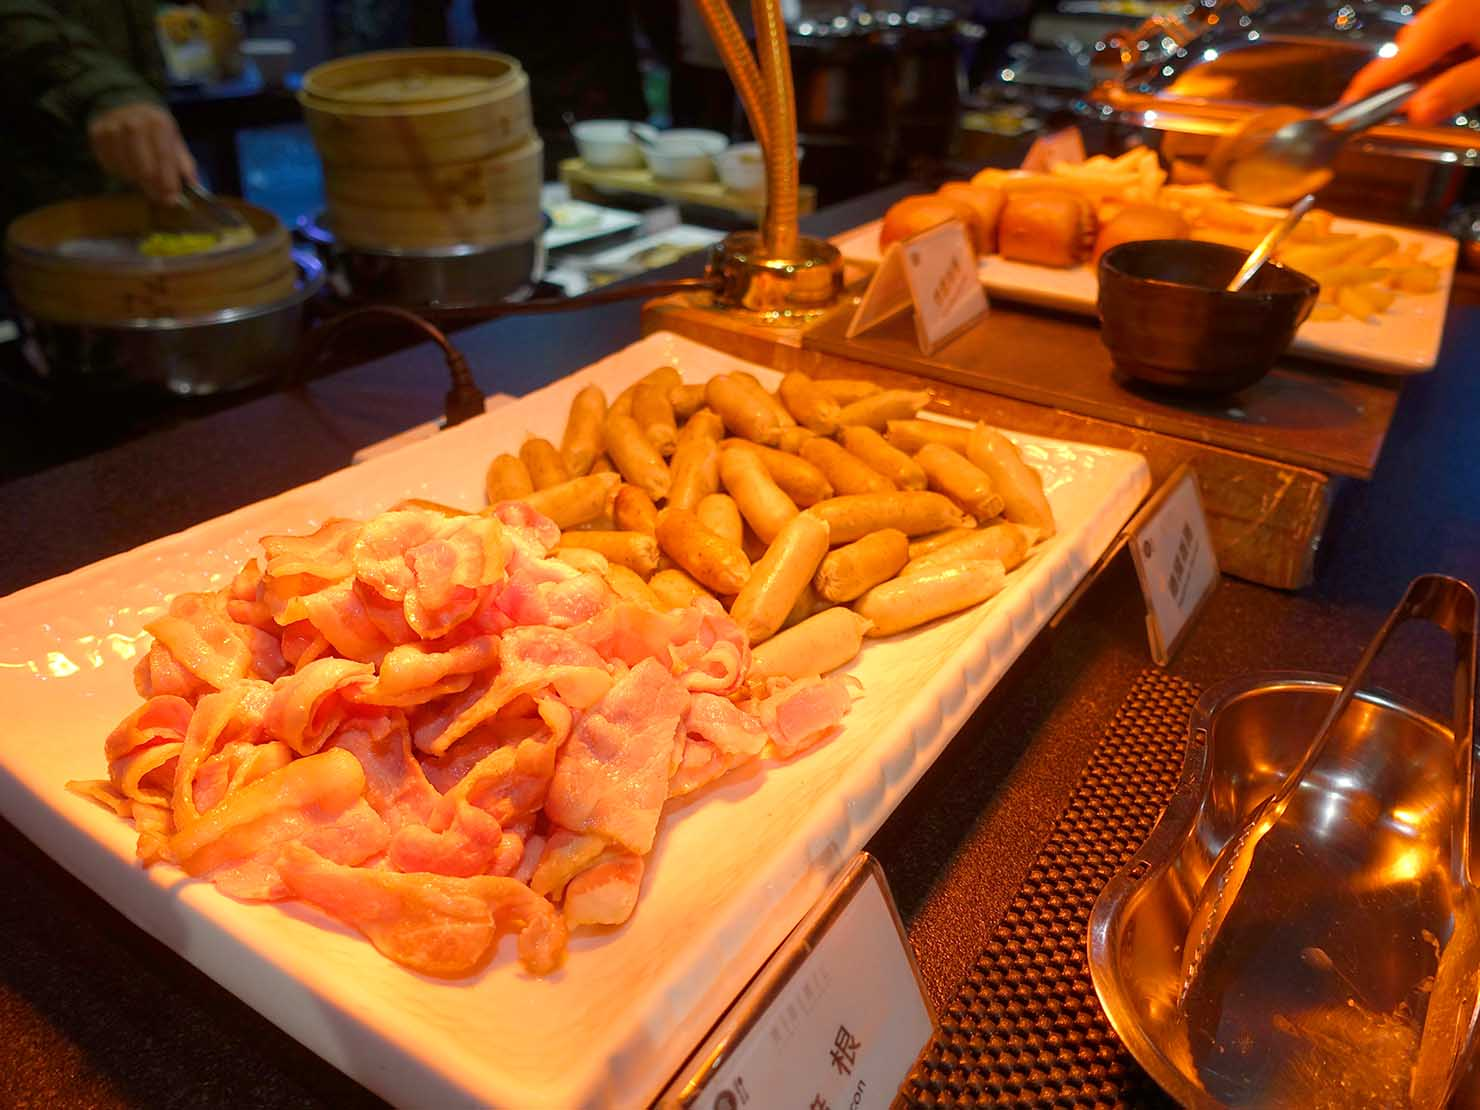 嘉義のおすすめホテル「嘉義觀止」B1F觀止餐廳でいただく朝食ビュッフェのベーコン